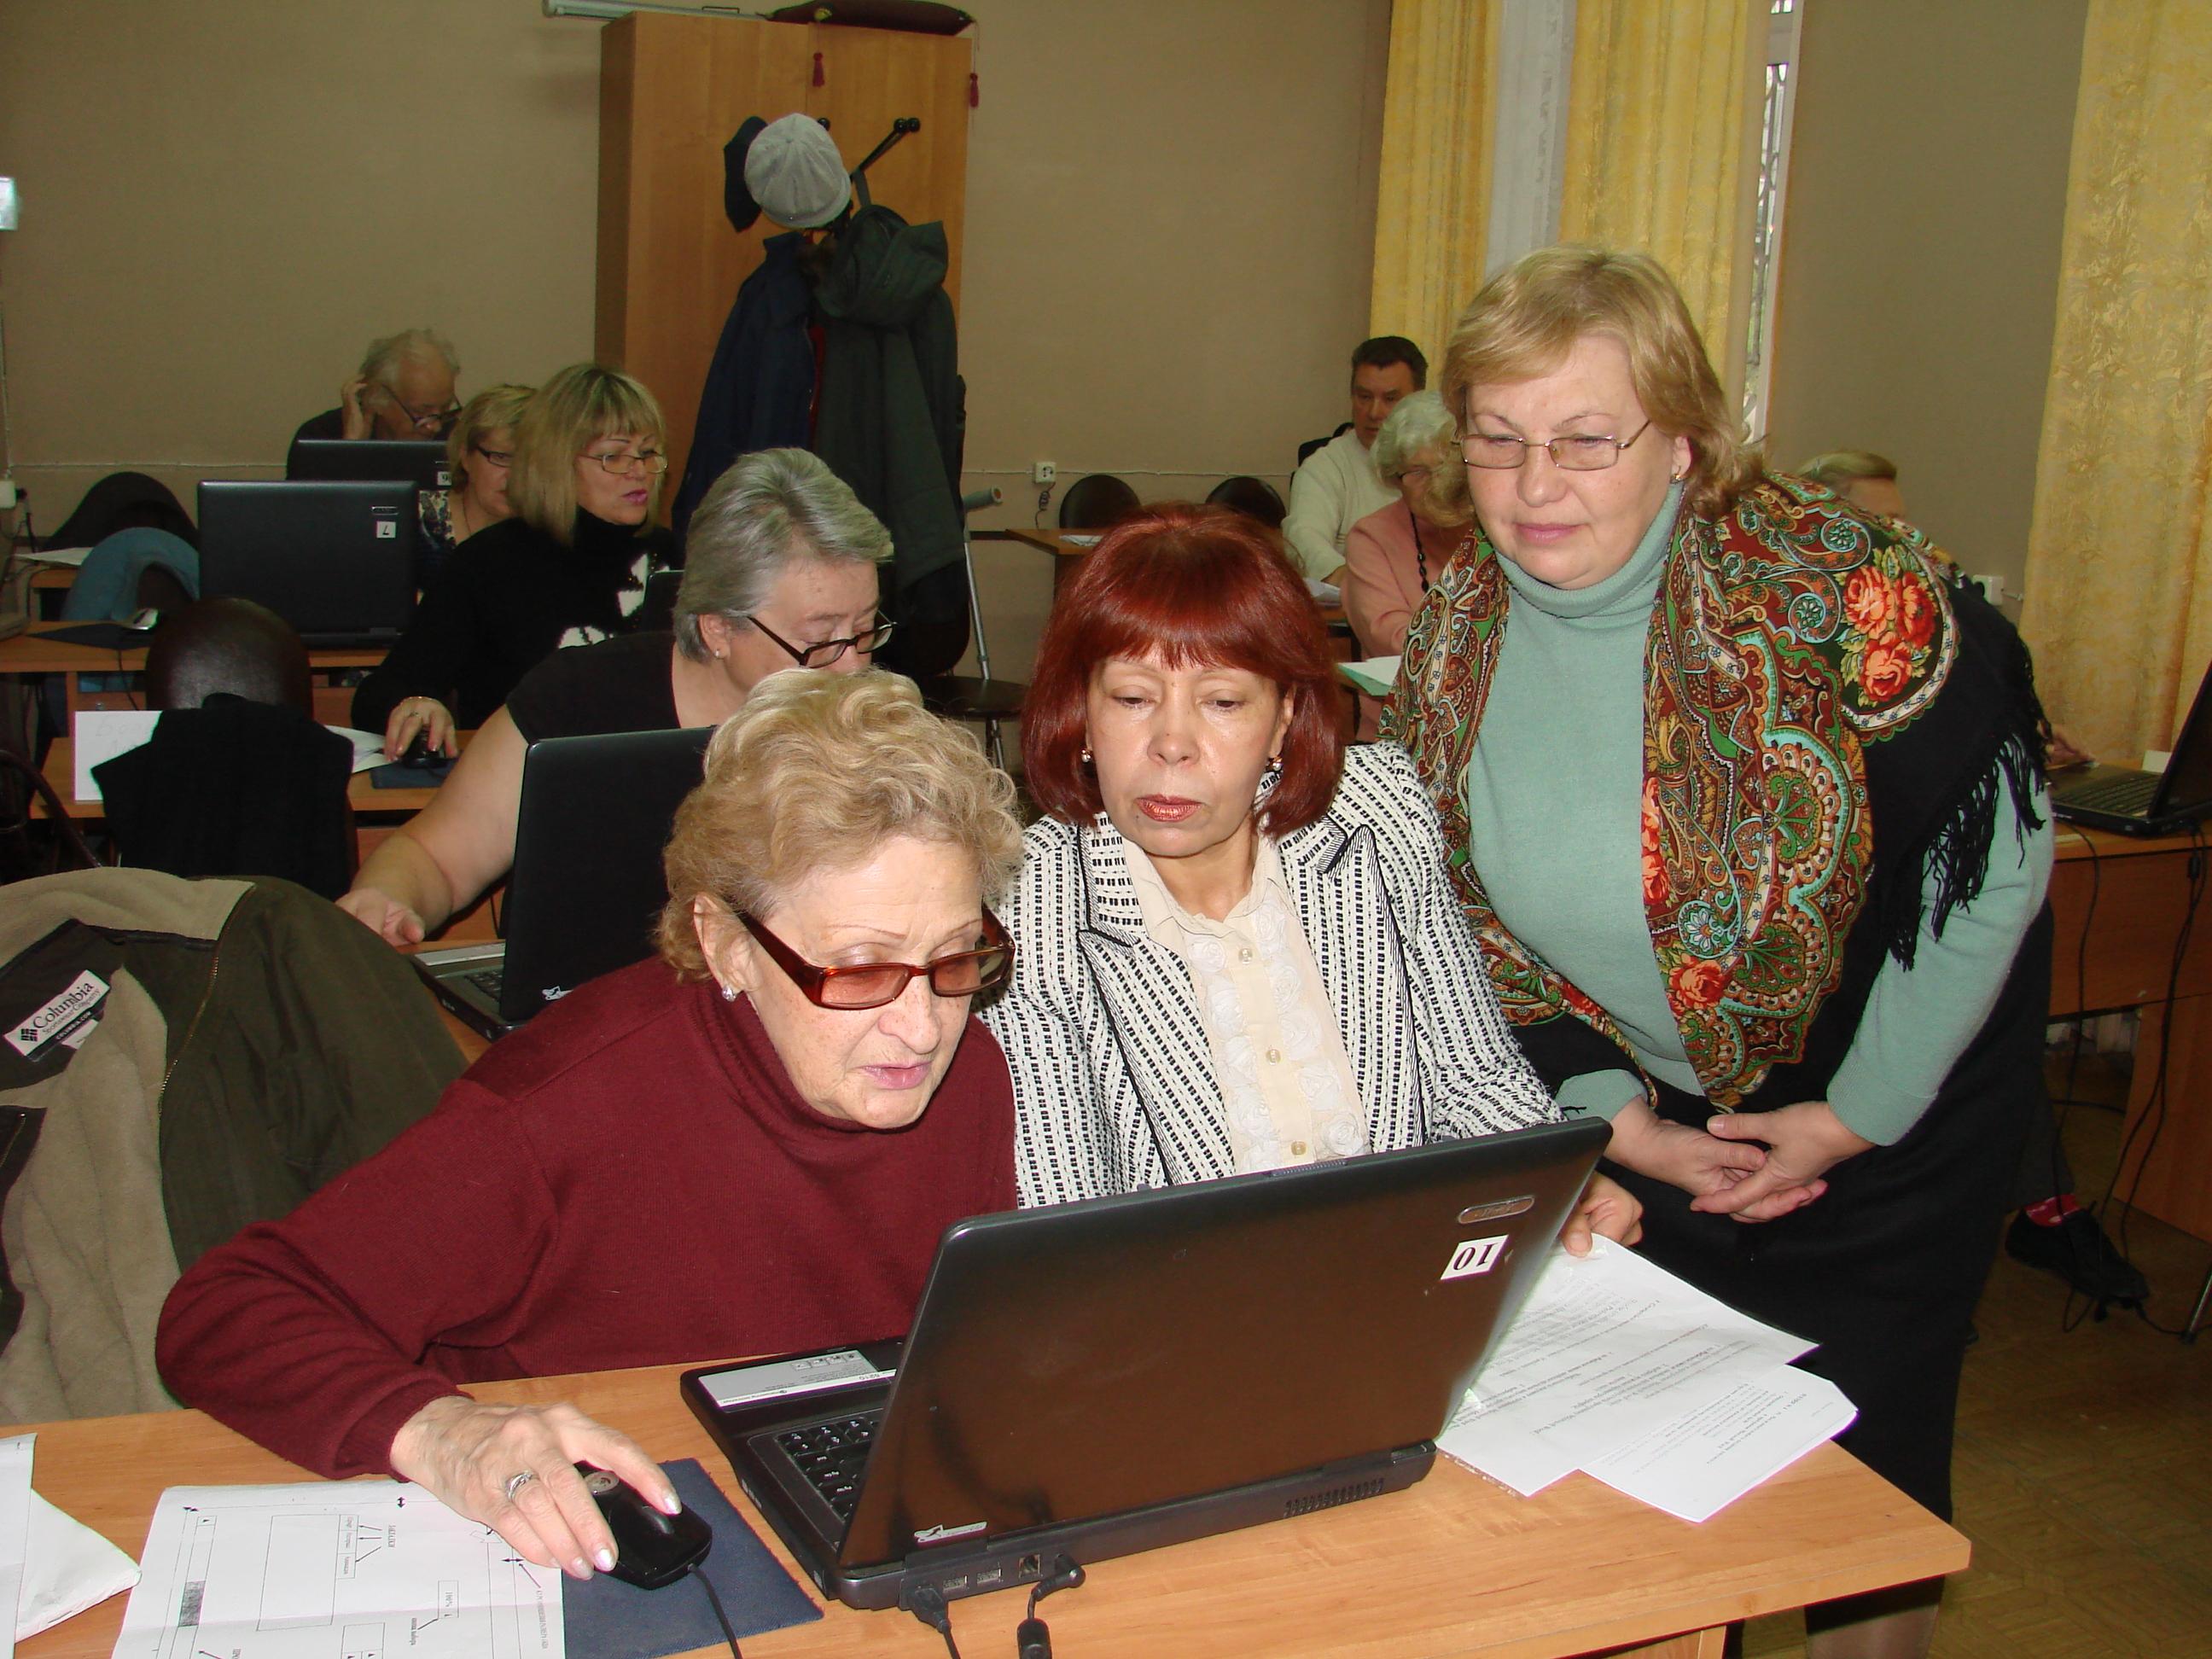 Бесплатные курсы по компьютеру для пенсионеров в свао